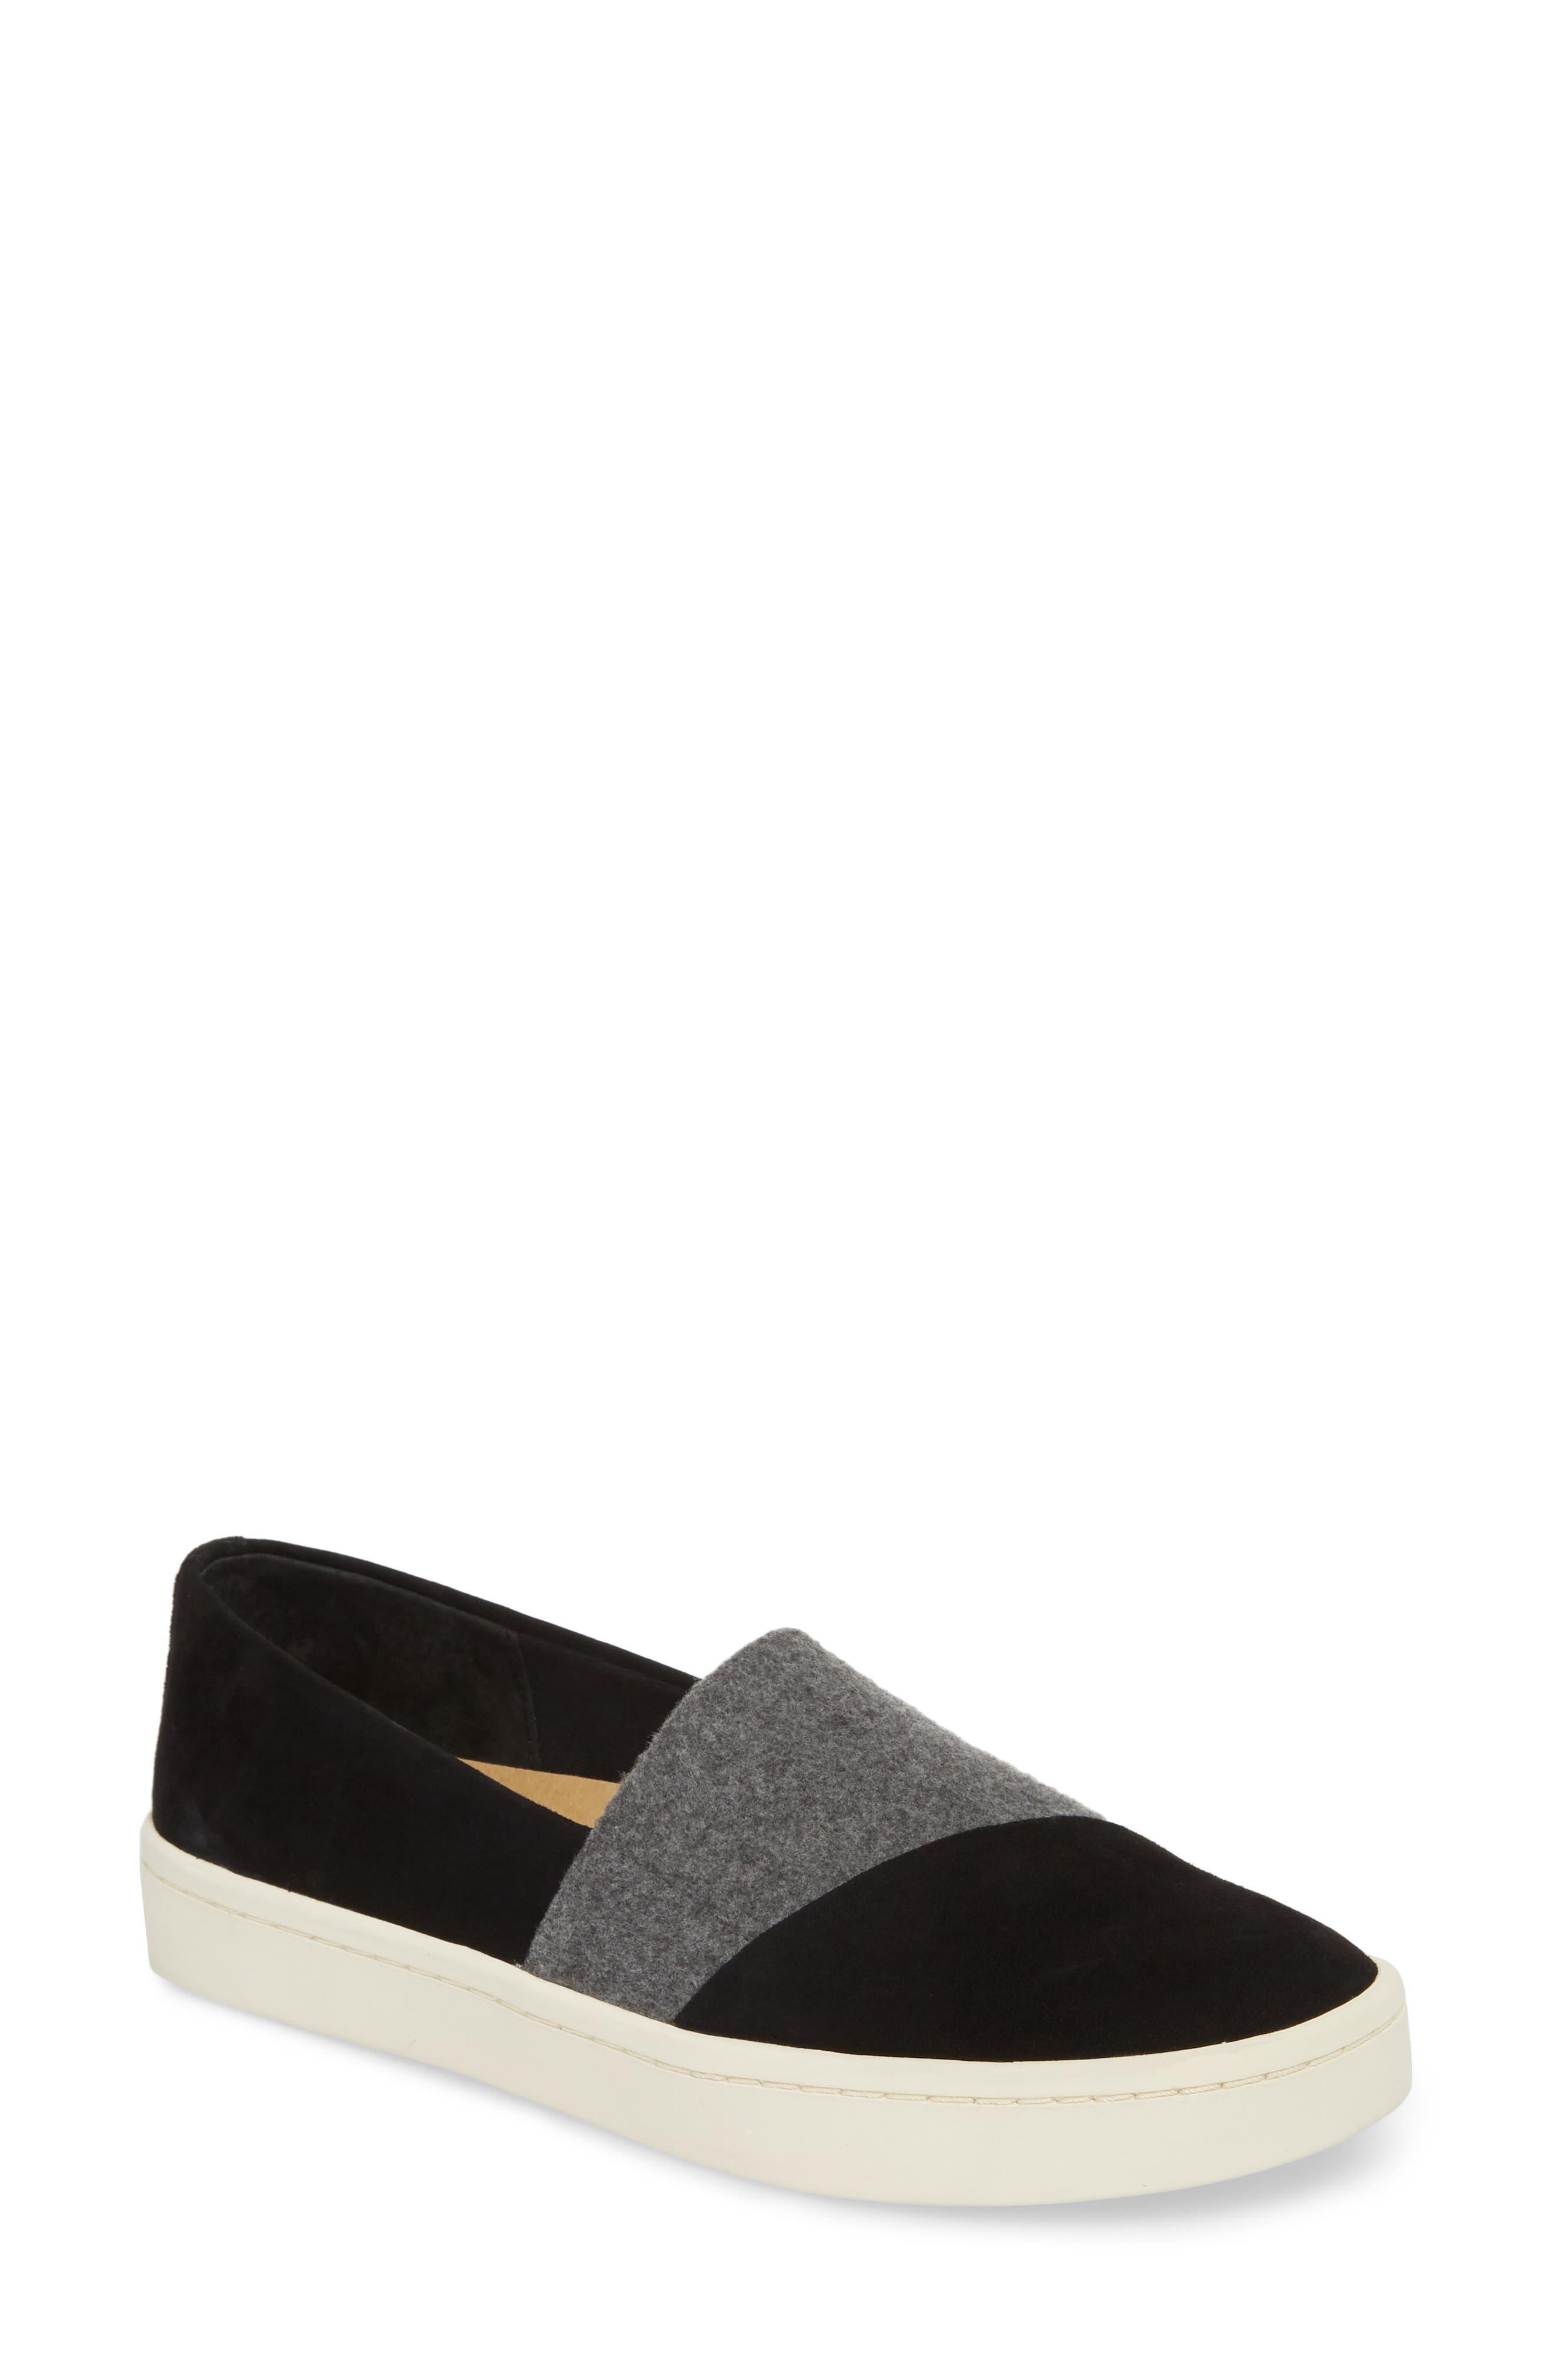 Splendid | Nouvel Slip-On Sneaker